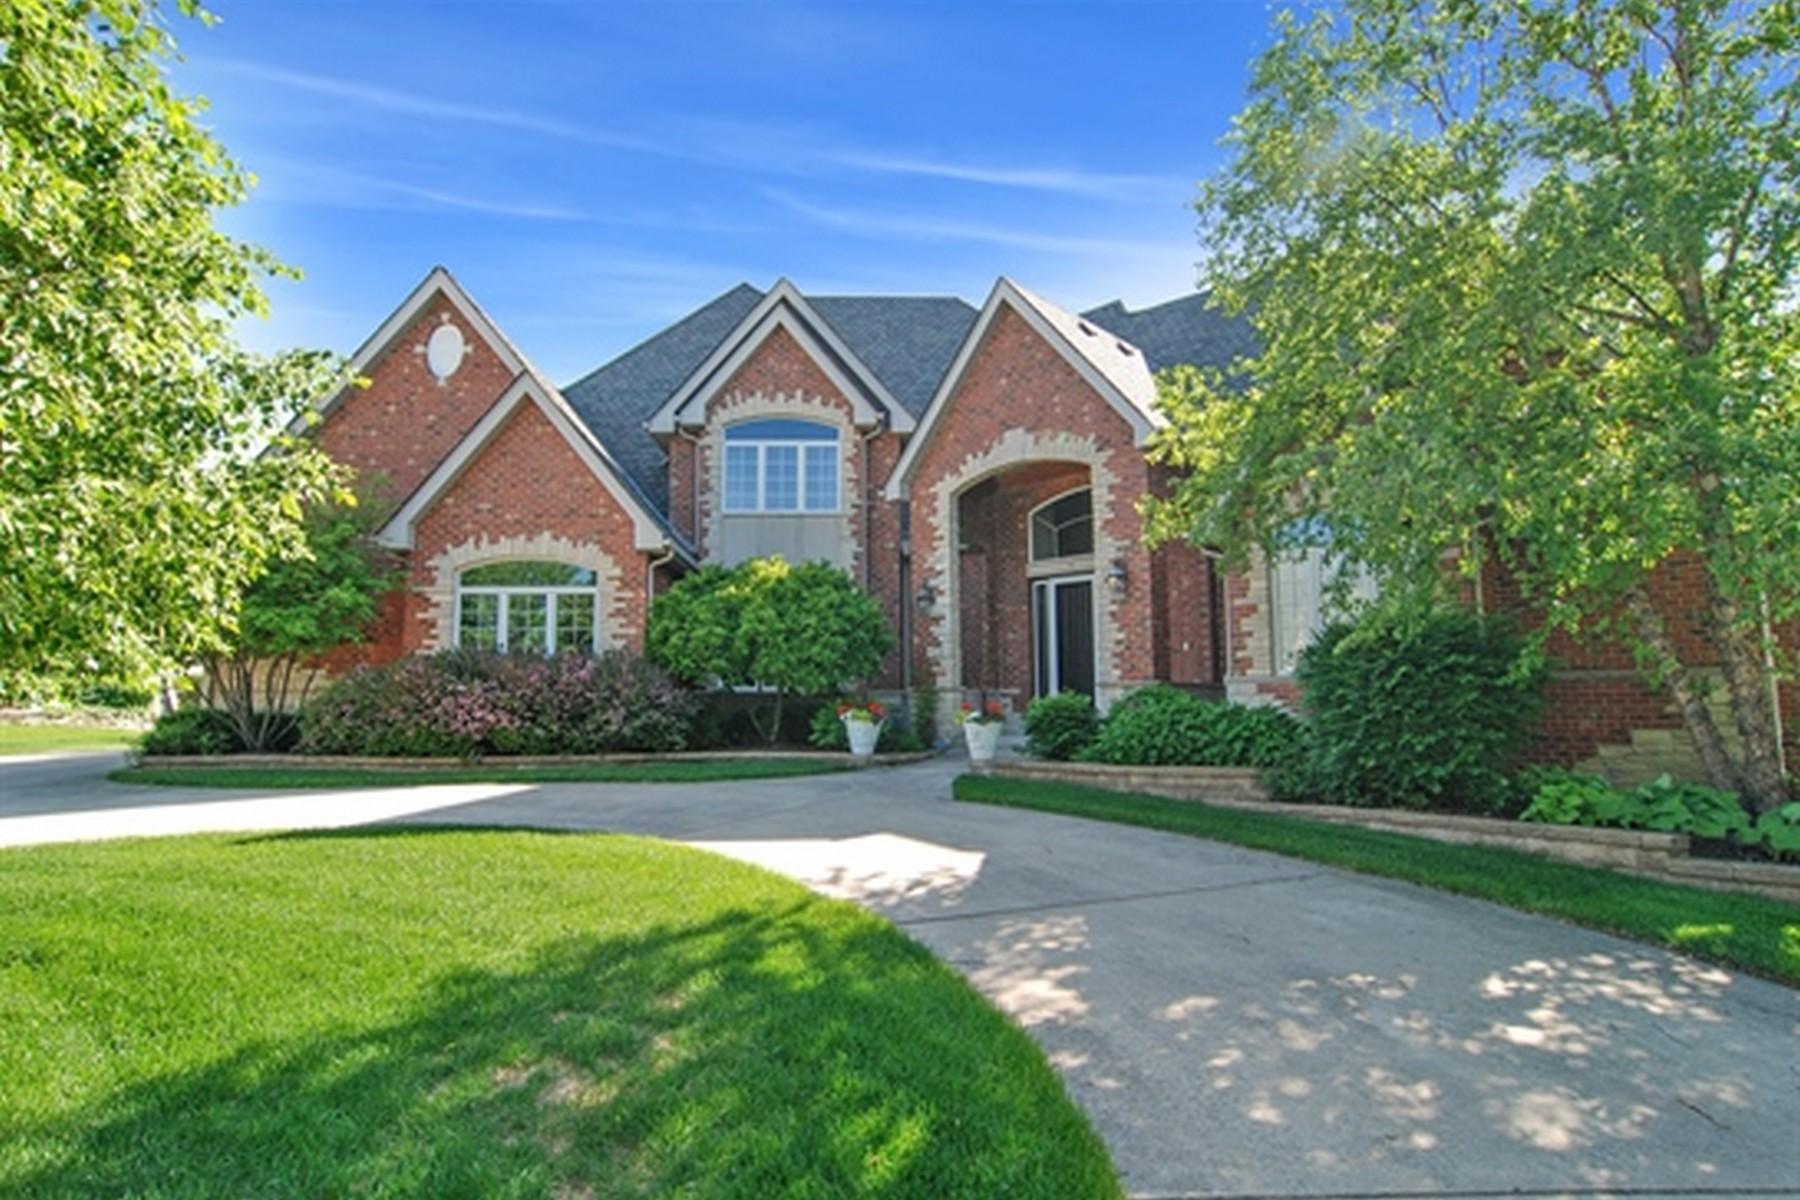 Casa Unifamiliar por un Venta en 8070 Greenbriar Ct Burr Ridge, Illinois, 60527 Estados Unidos